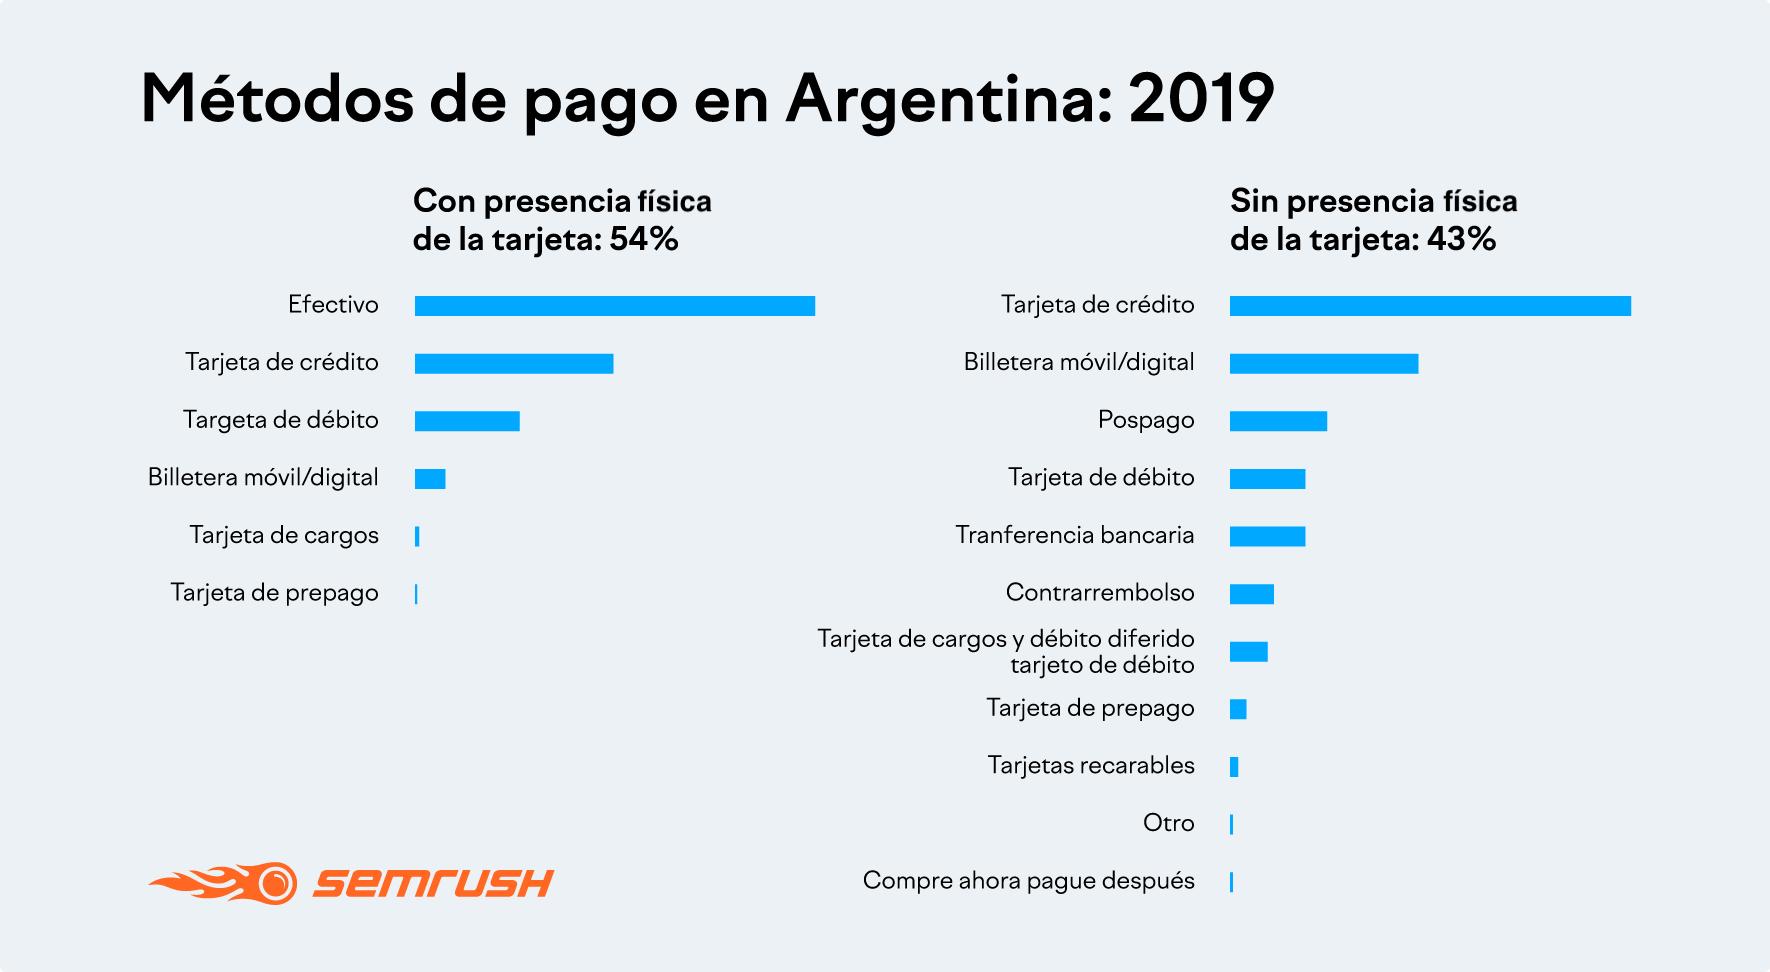 Métodos de pago en Argentina